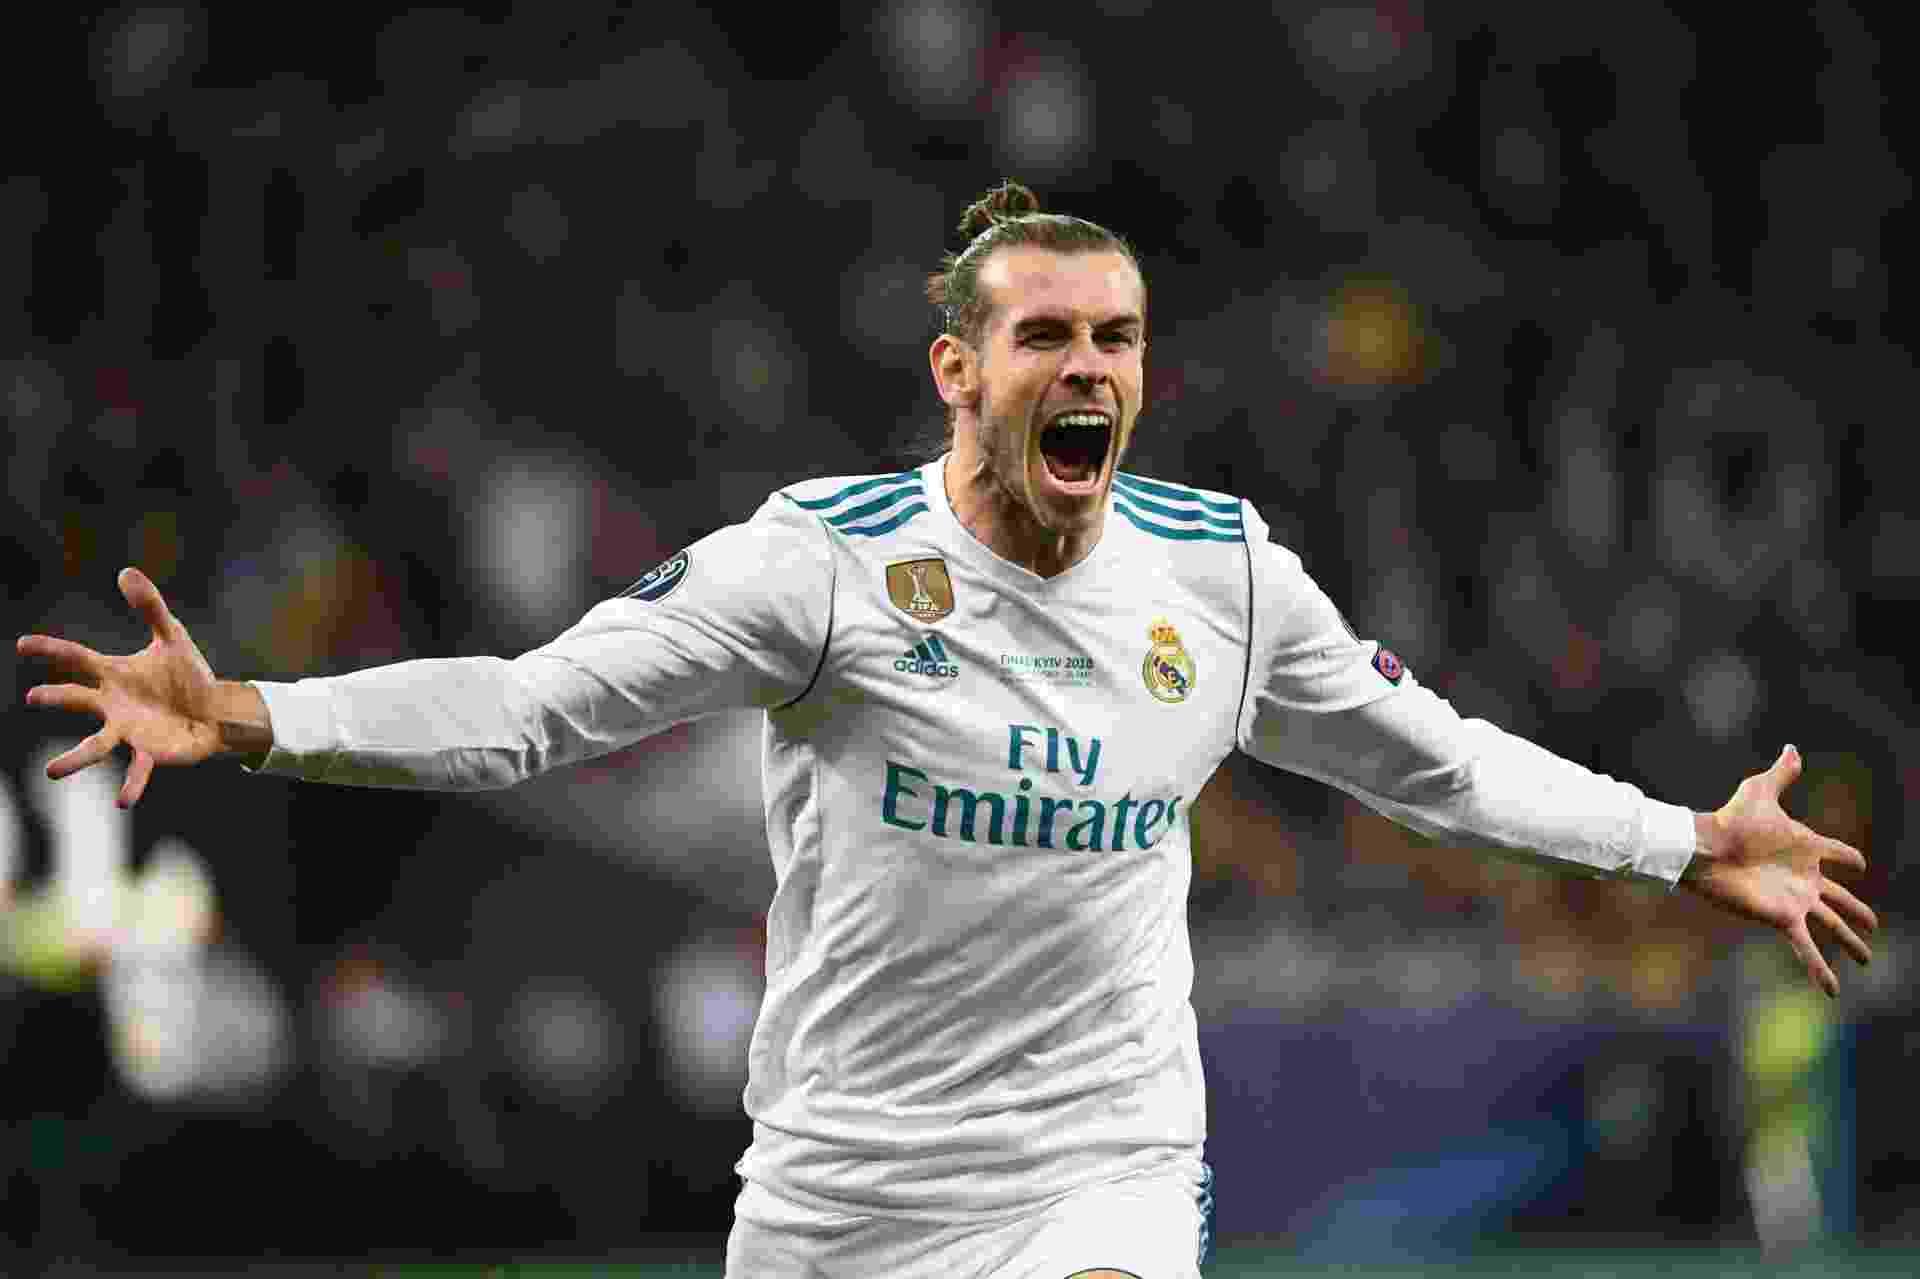 Bale comemora gol contra o Liverpool na Liga dos Campeões - AFP PHOTO / FRANCK FIFE